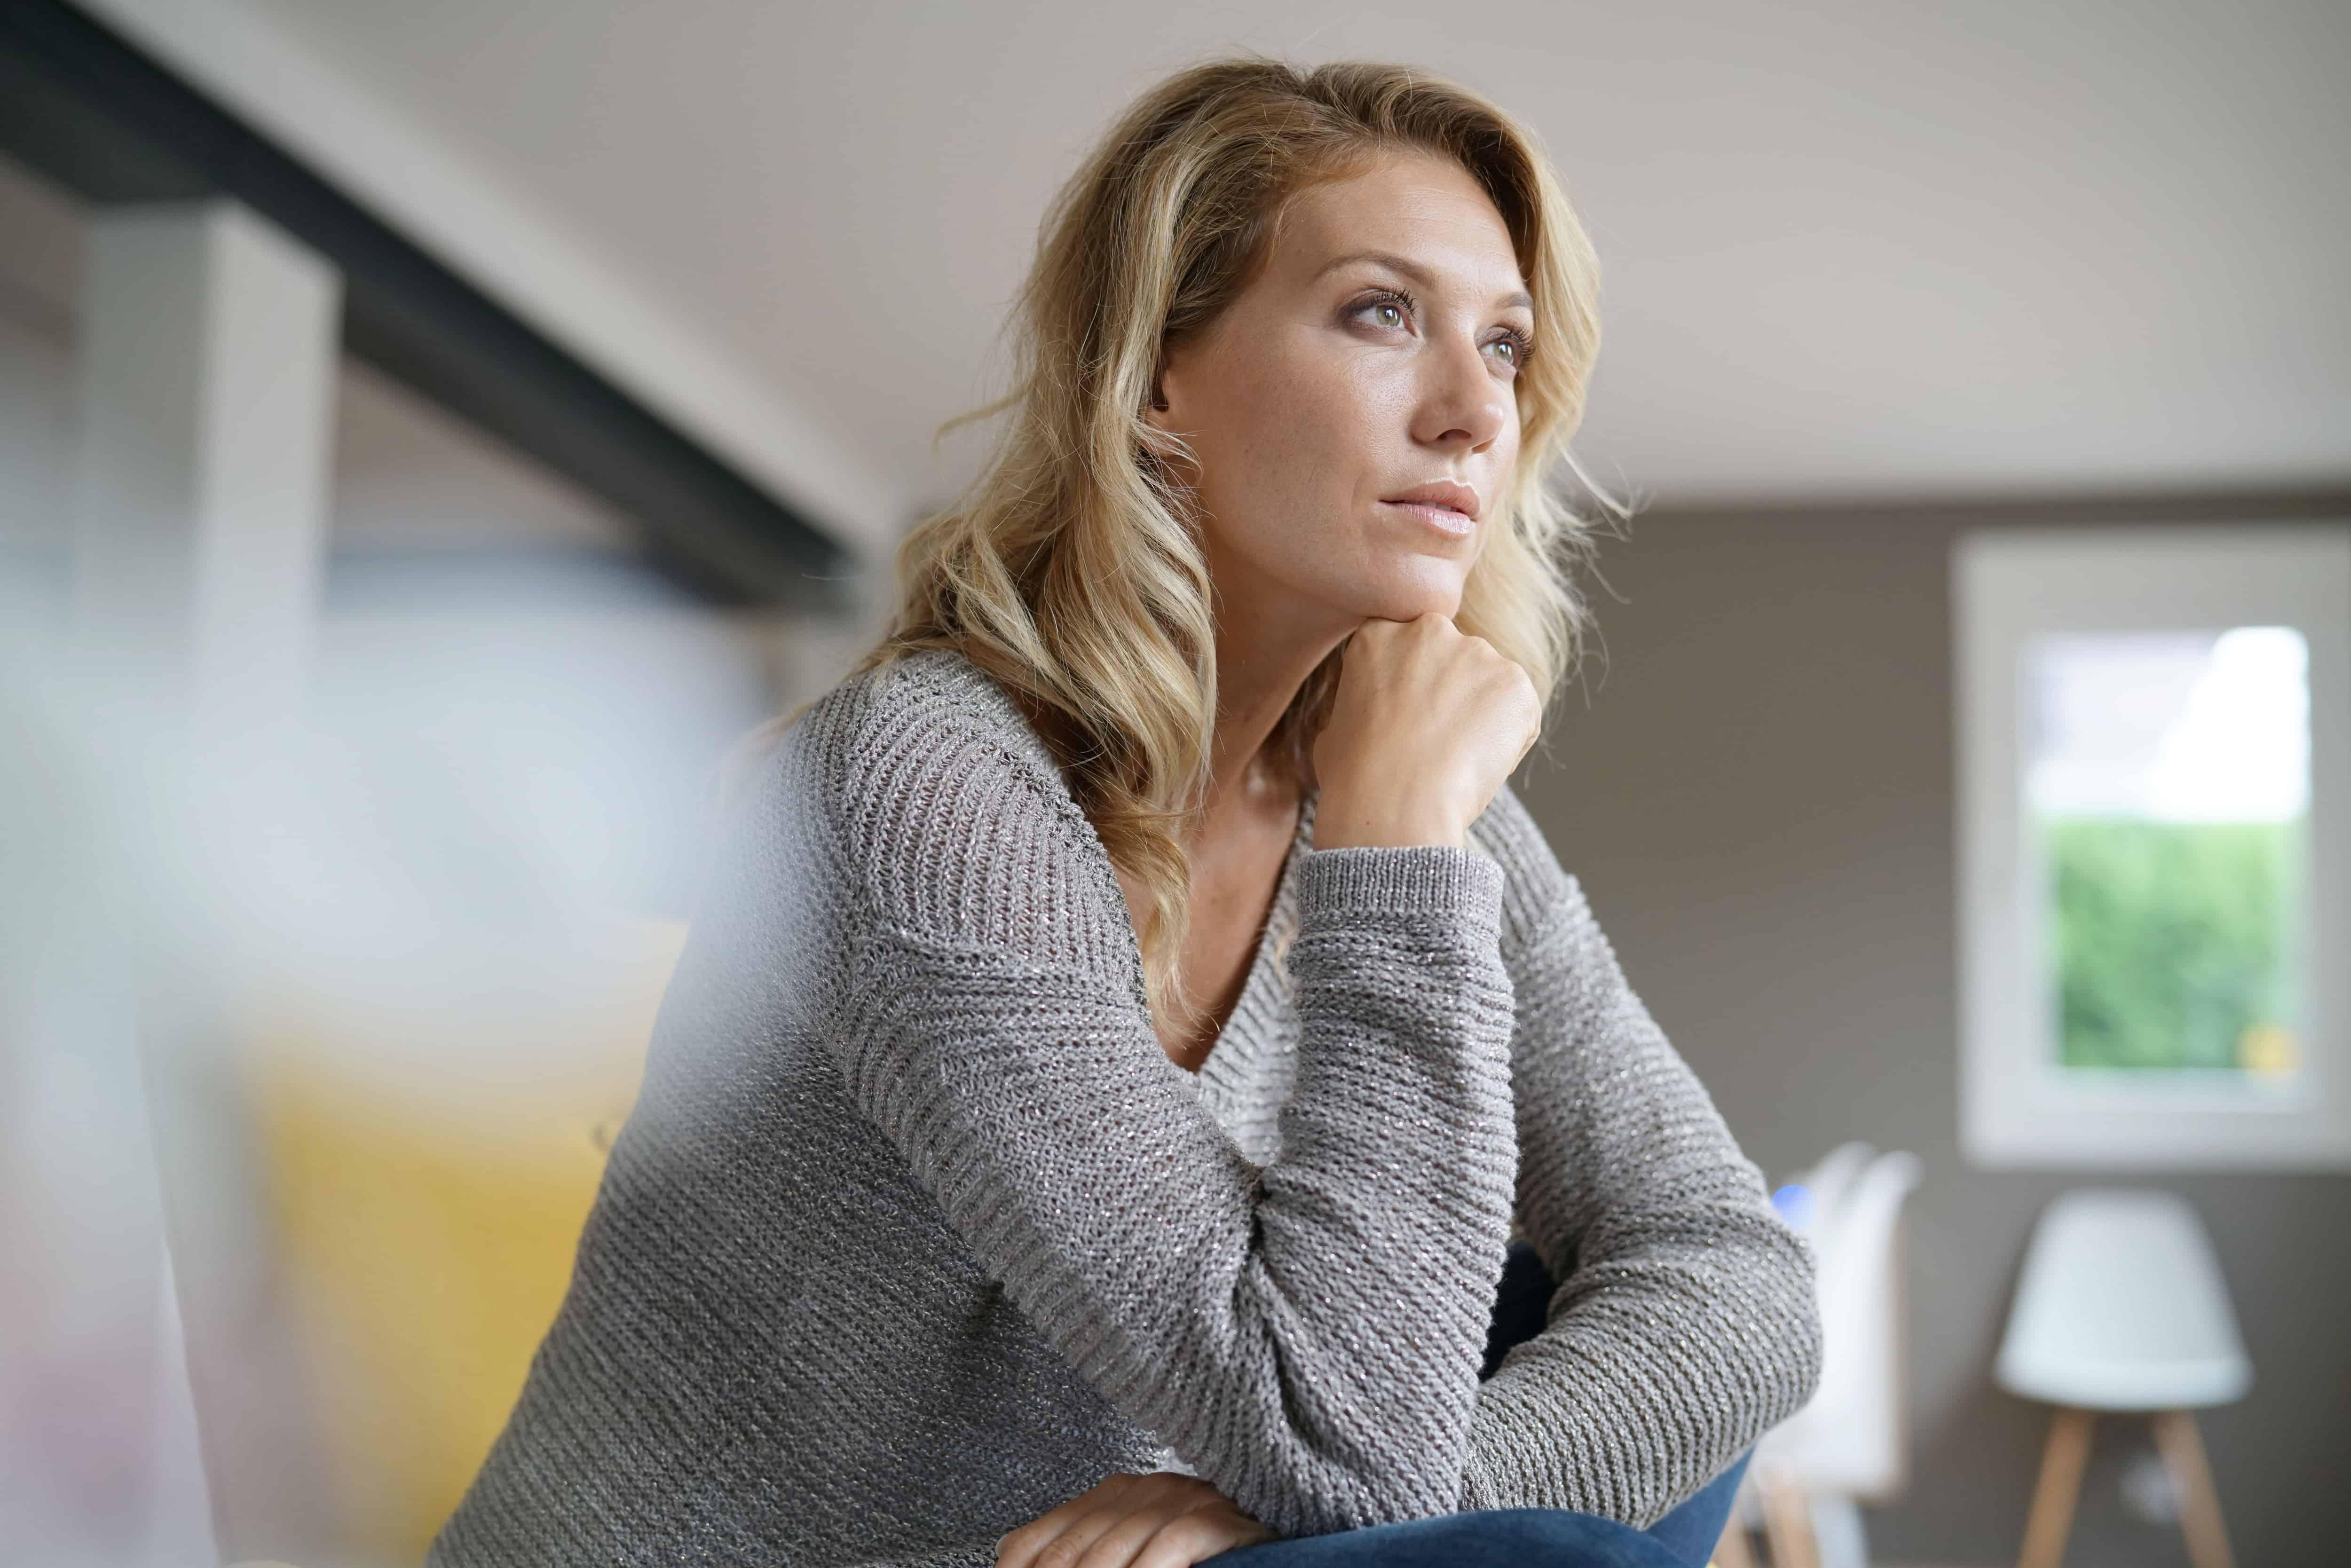 Eine attraktive Blondine sitzt im Haus und denkt nach